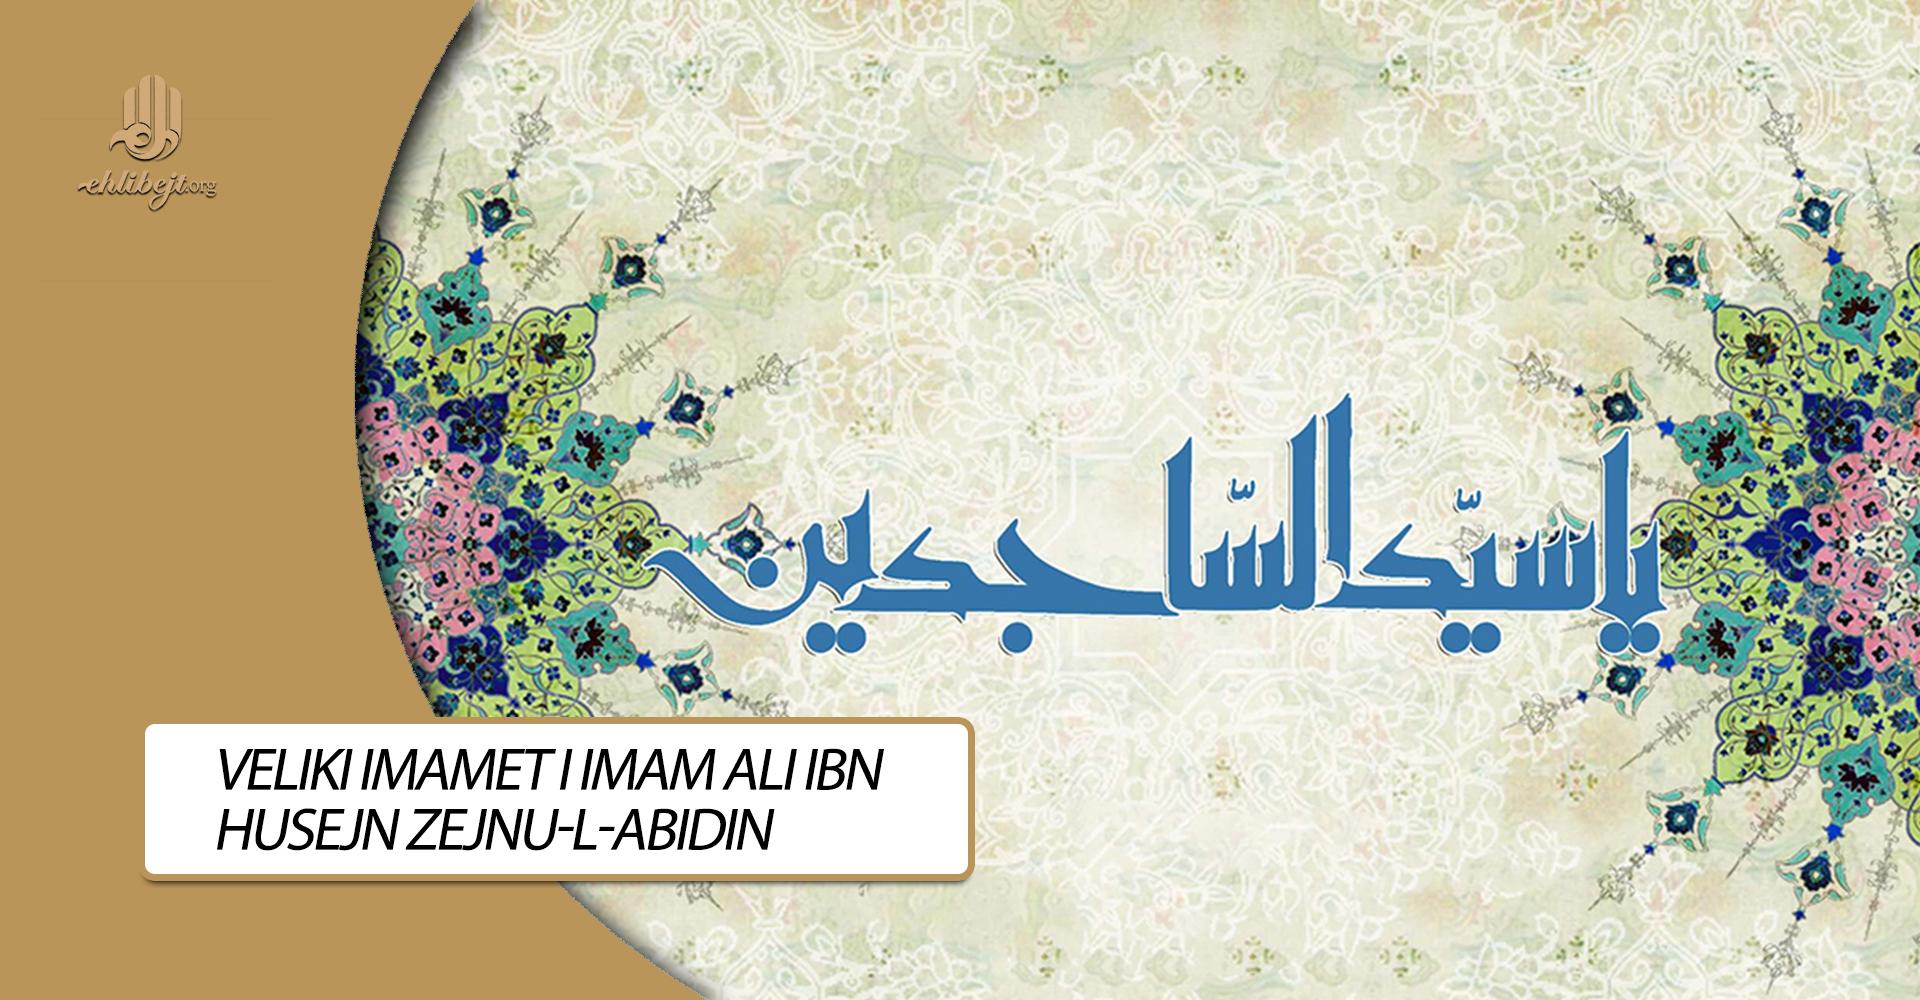 Veliki imamet i Imam Ali ibn Husejn Zejnu-l-Abidin